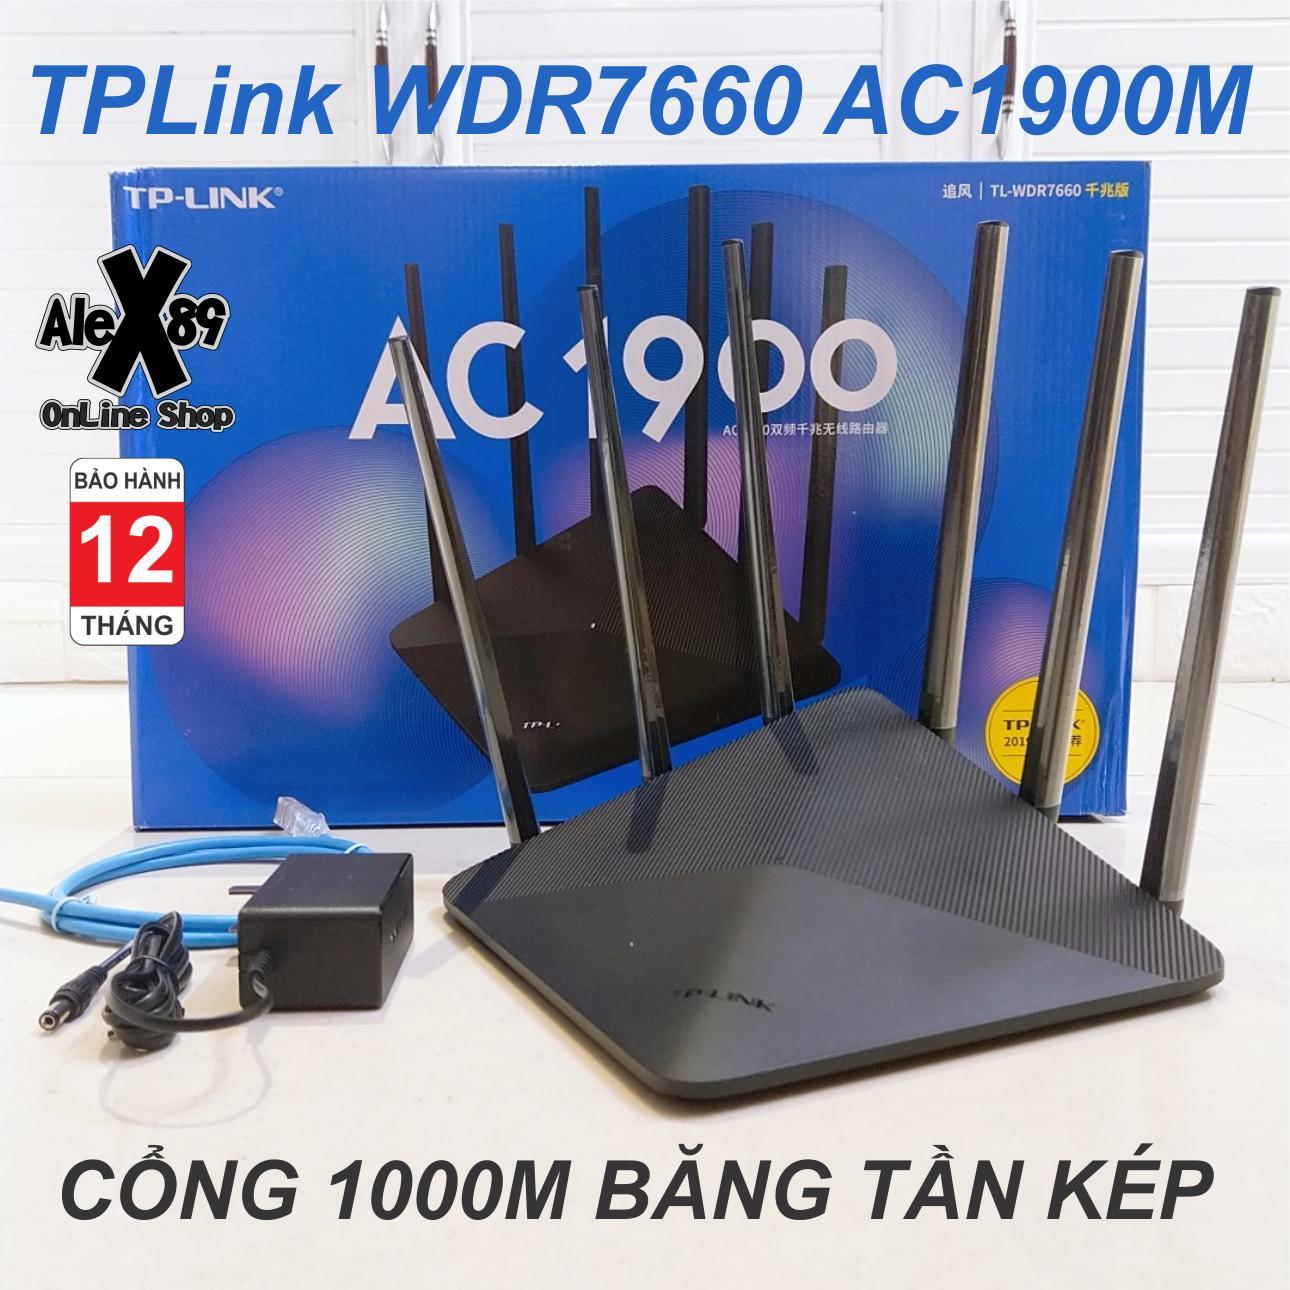 Giá TP-Link WDR7660 Thiết Bị Phát Wifi 1900Mbs 2019 - Bảo Hành 12 Tháng